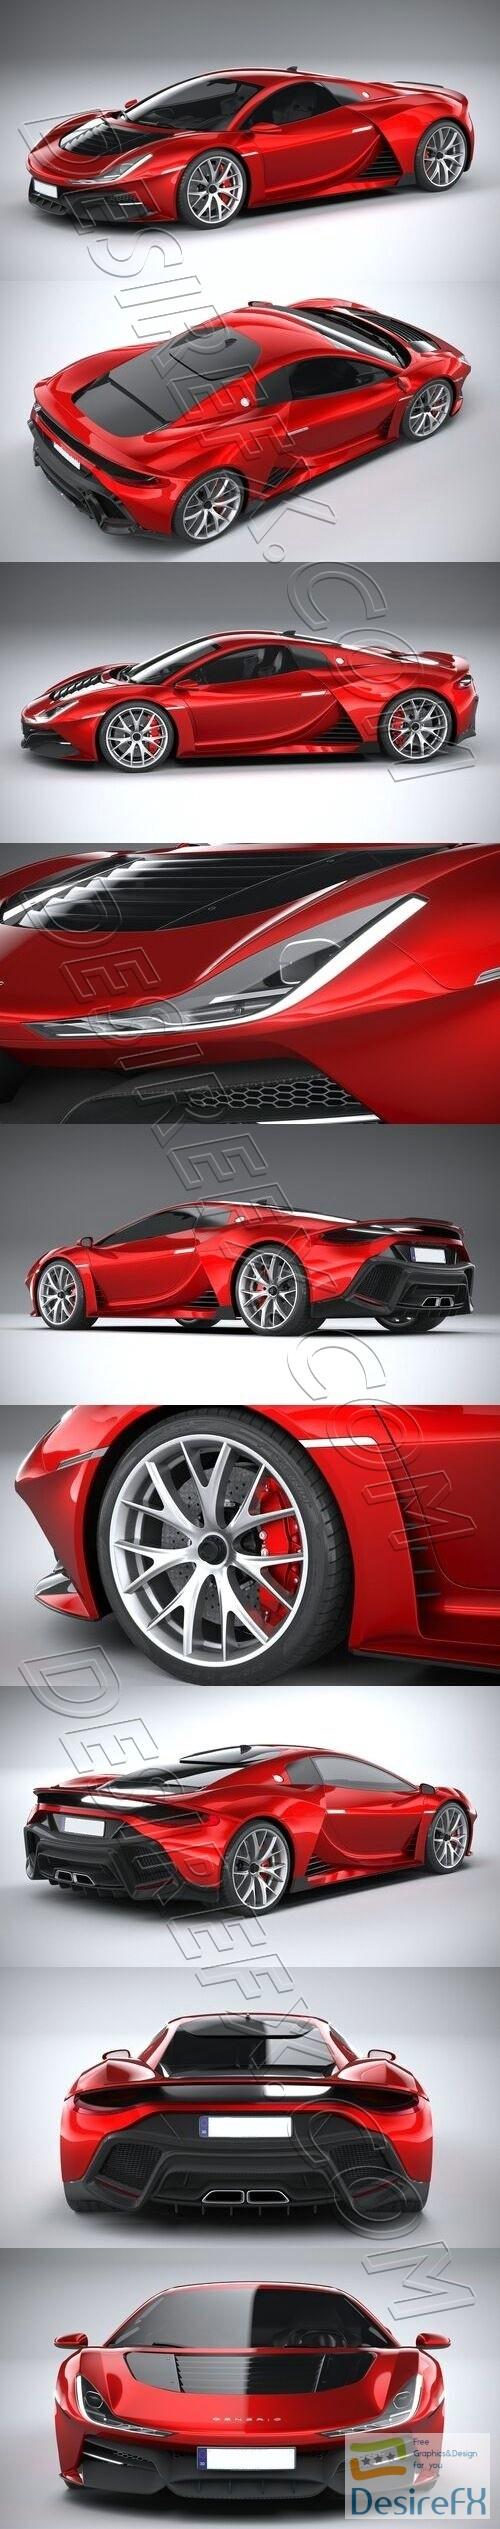 Generic Supercar 2020 3D Model